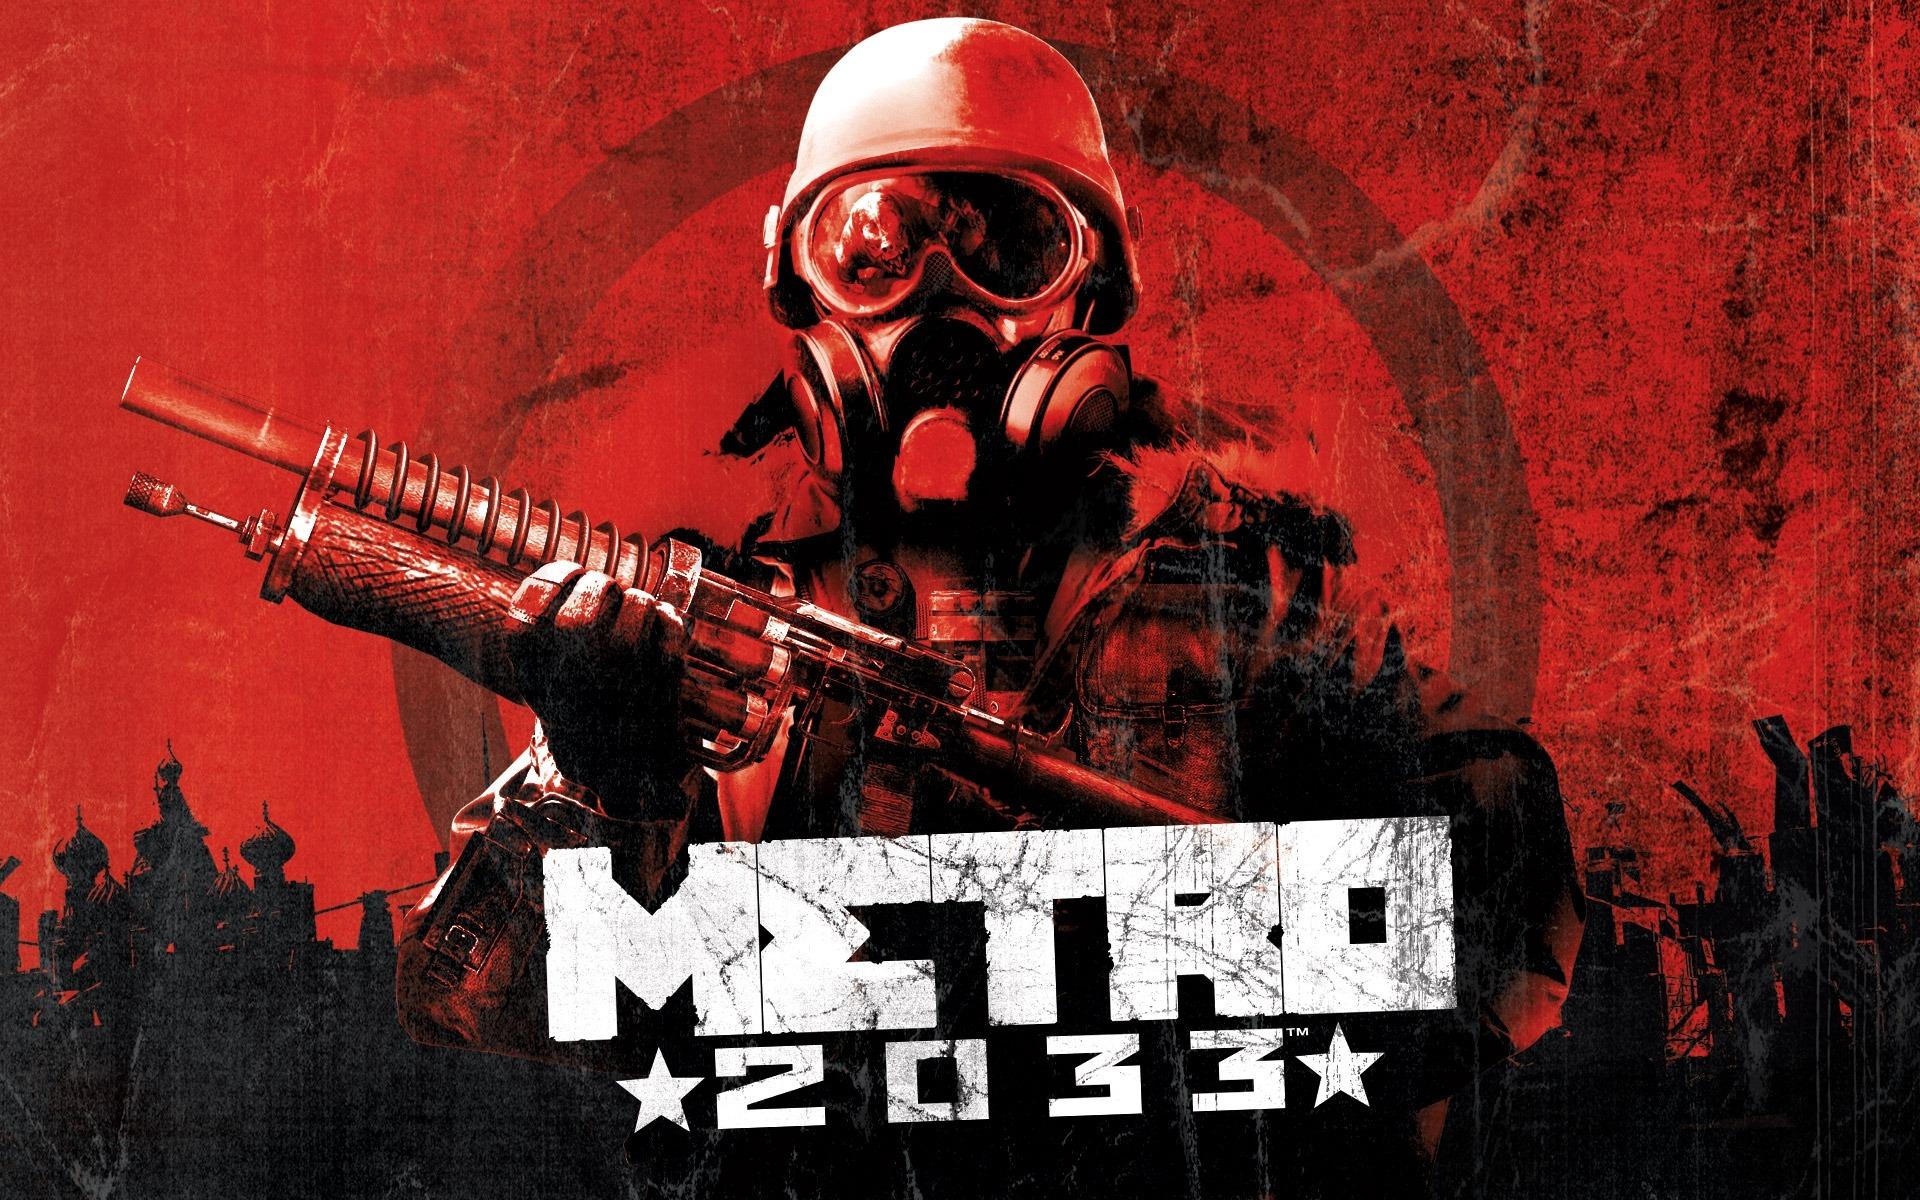 Экранизация игры Метро 2033 неполучит финансирования отгосударства